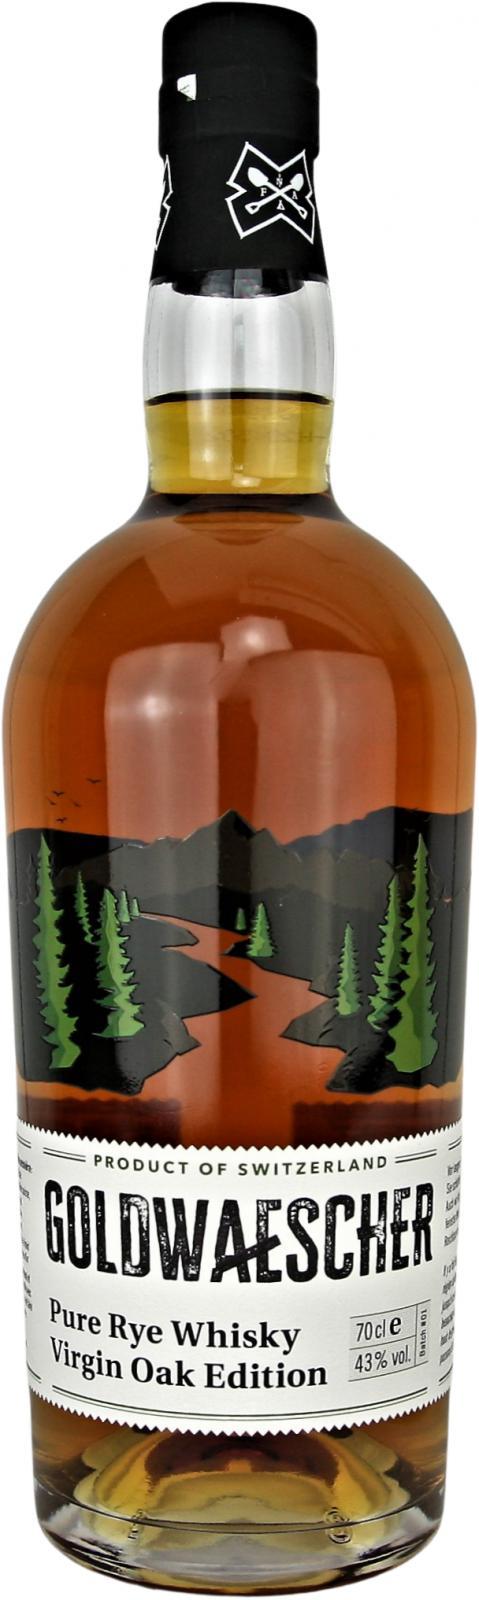 Goldwaescher Pure Rye Whisky